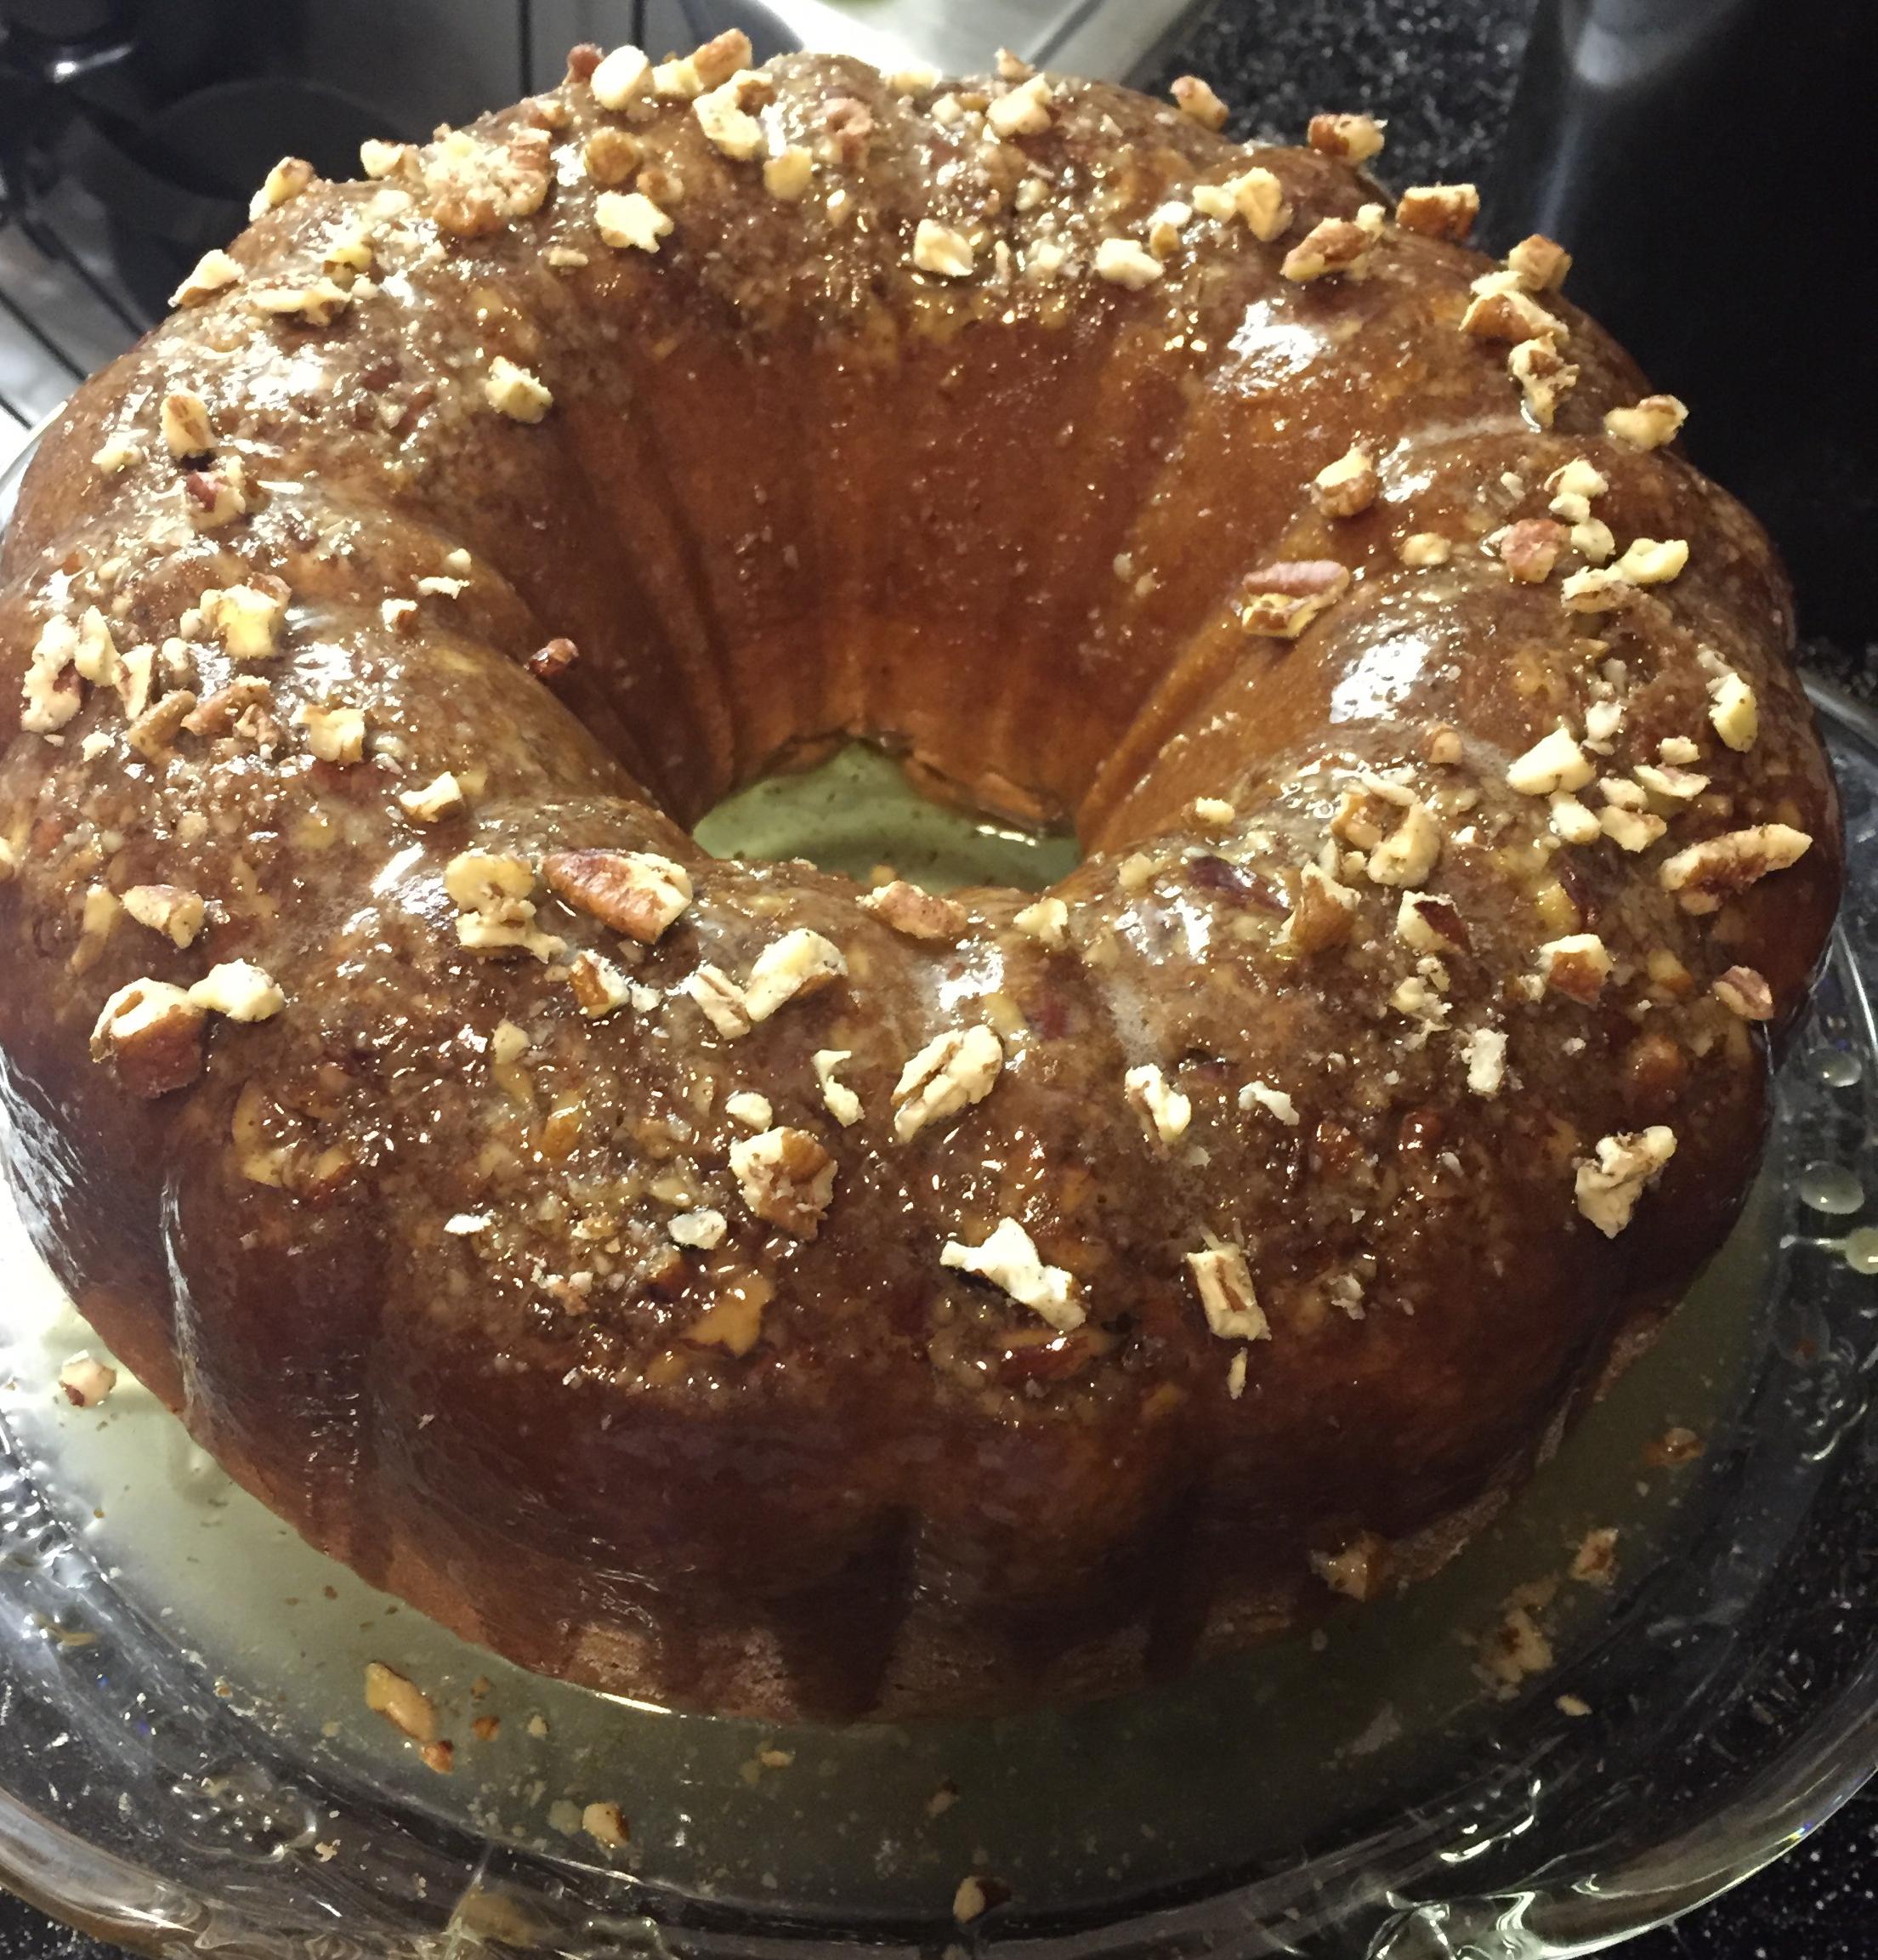 Irish Cream Bundt Cake